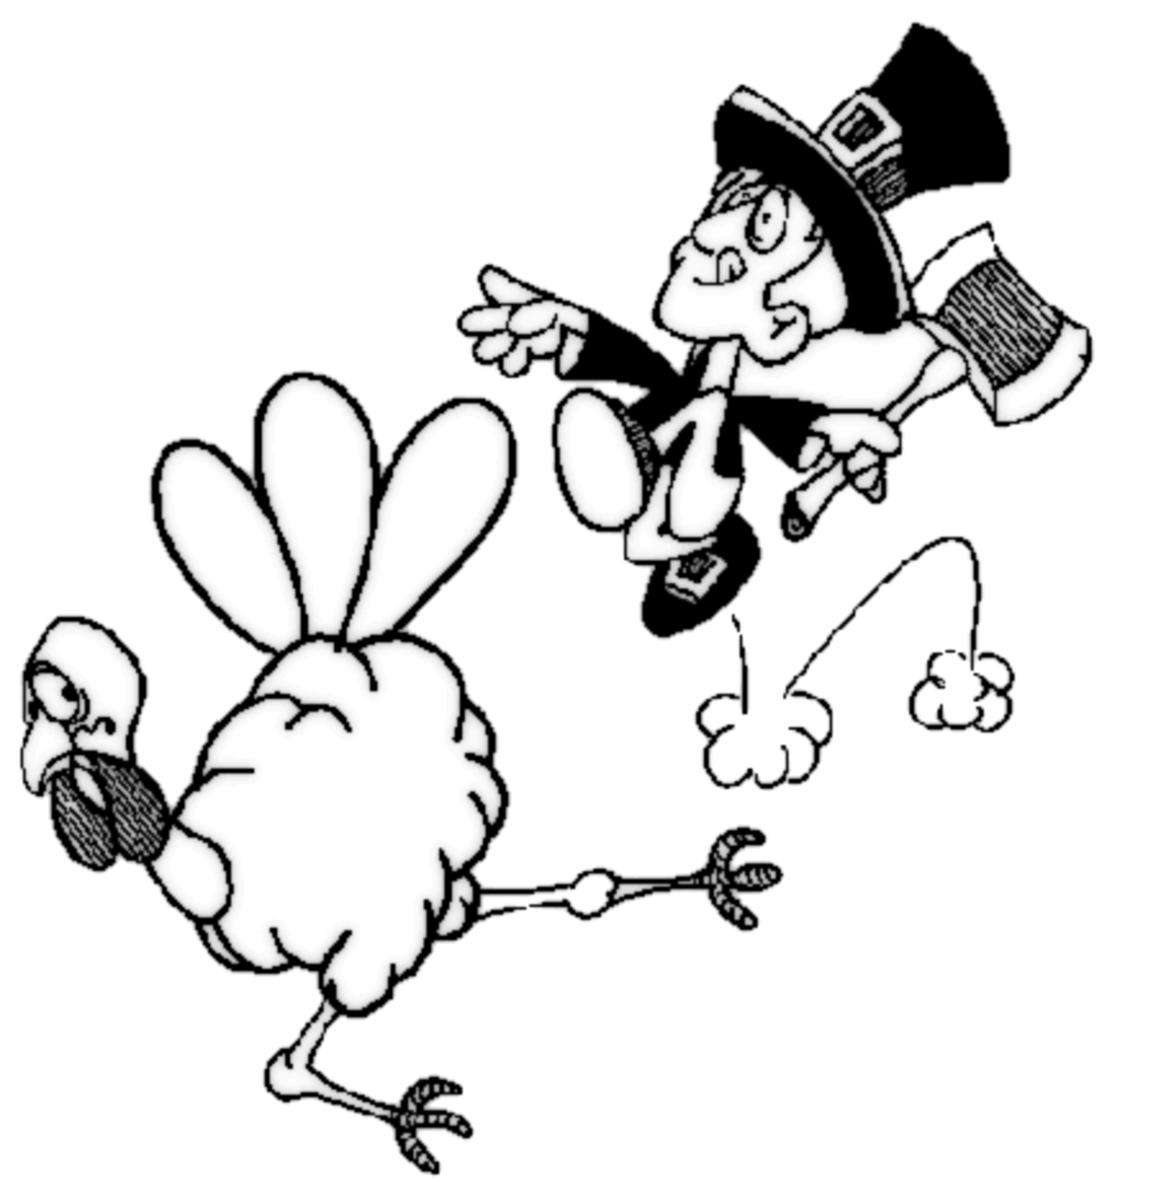 Pilgrim Chasing Turkey Coloring Page